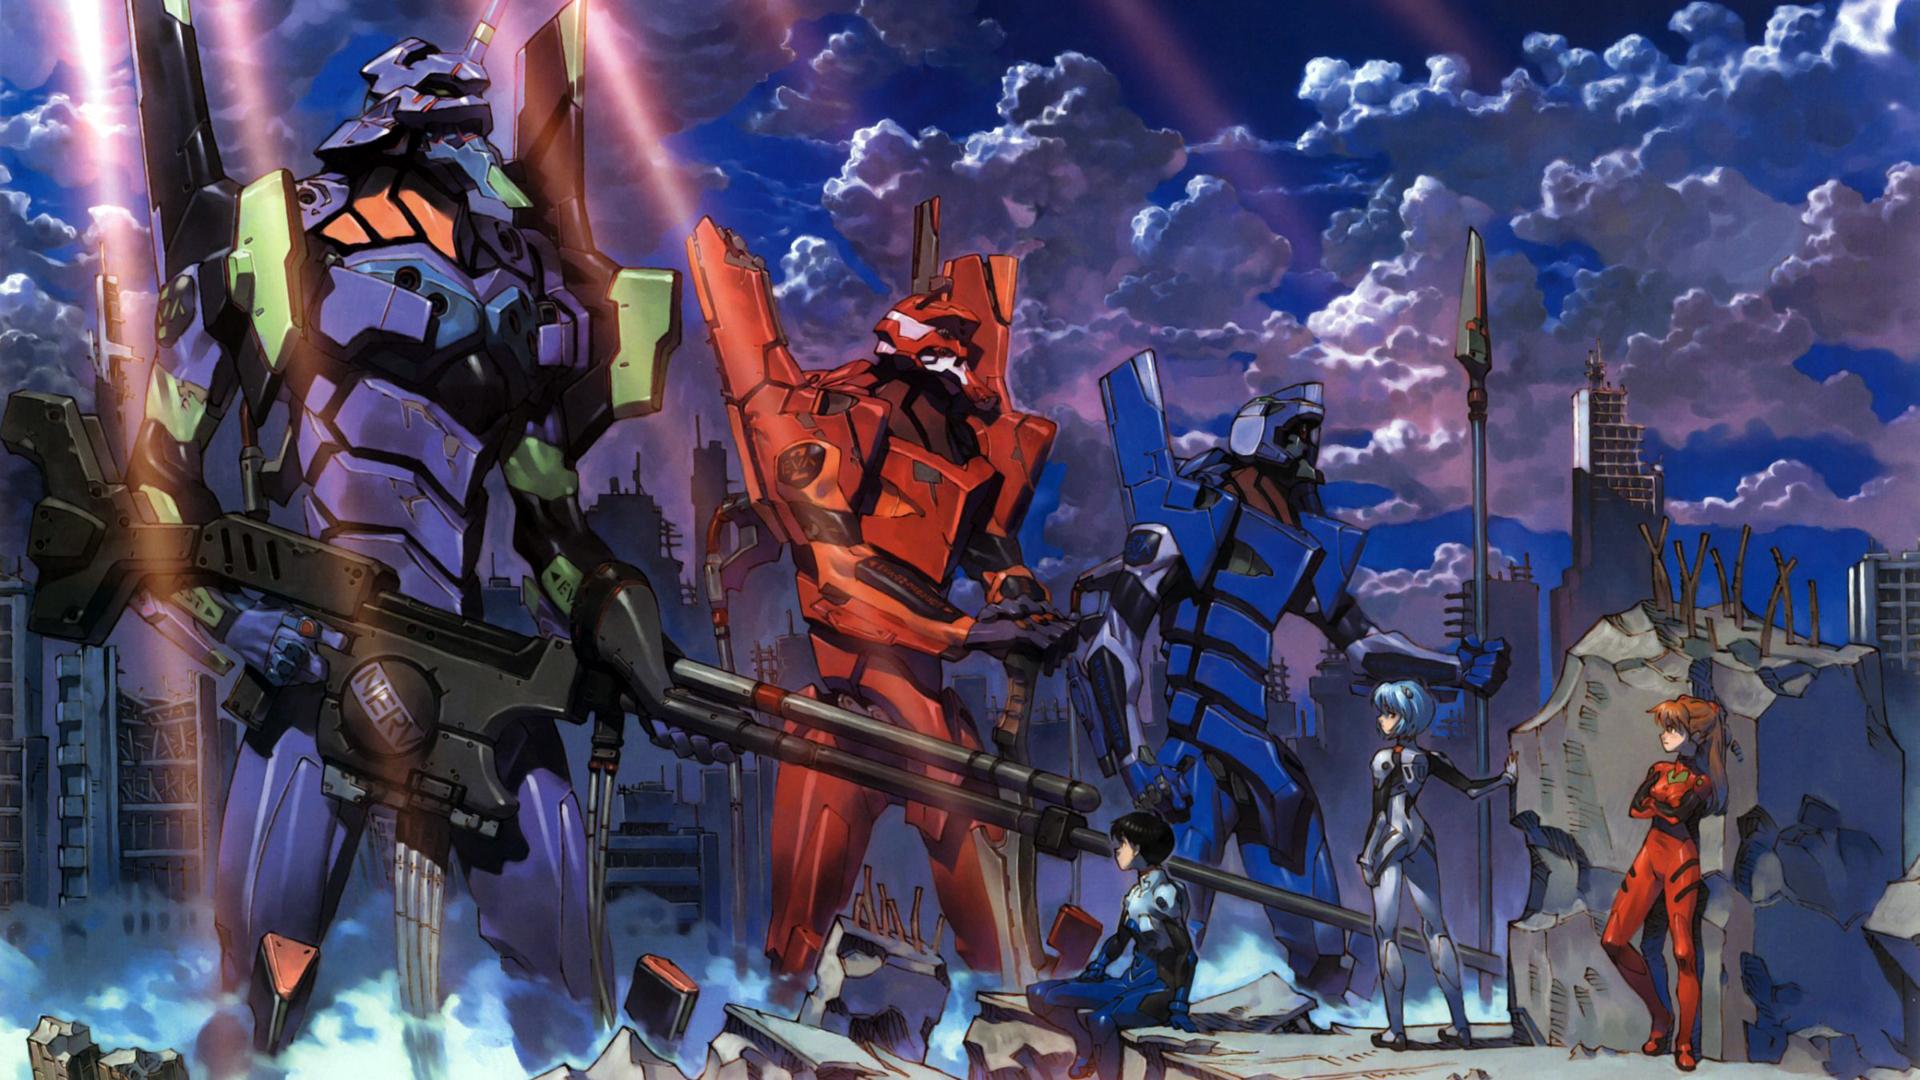 Neon Genesis Evangelion Full HD Wallpapers   image 15650   imgth 1920x1080